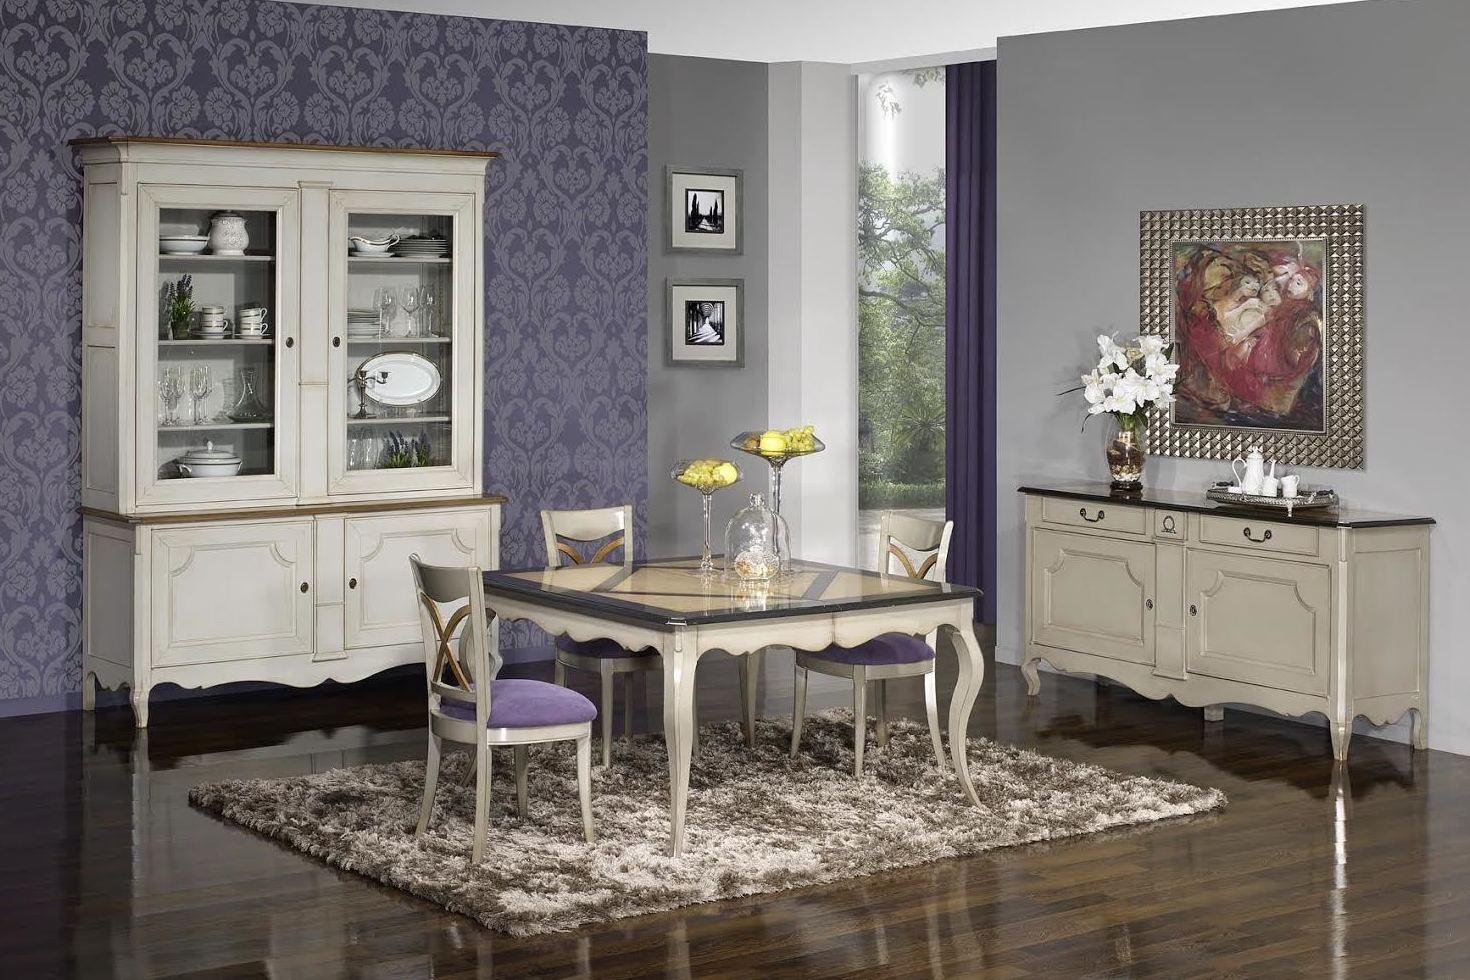 Muebles rusticos Cordoba